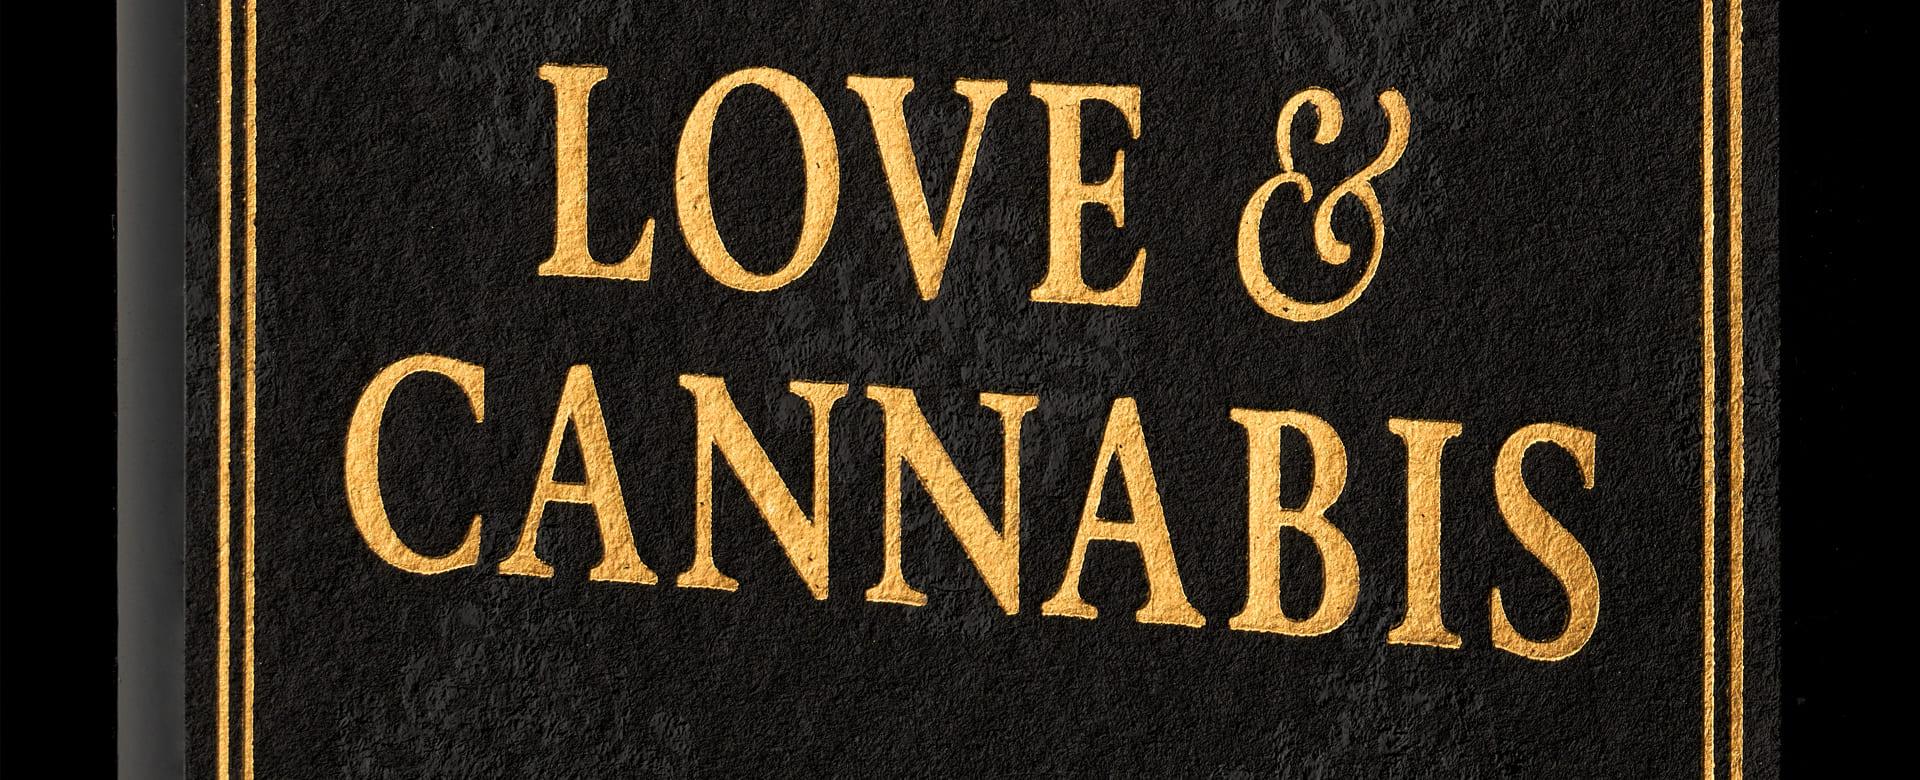 love & cannabis bitter aromatico satibasque